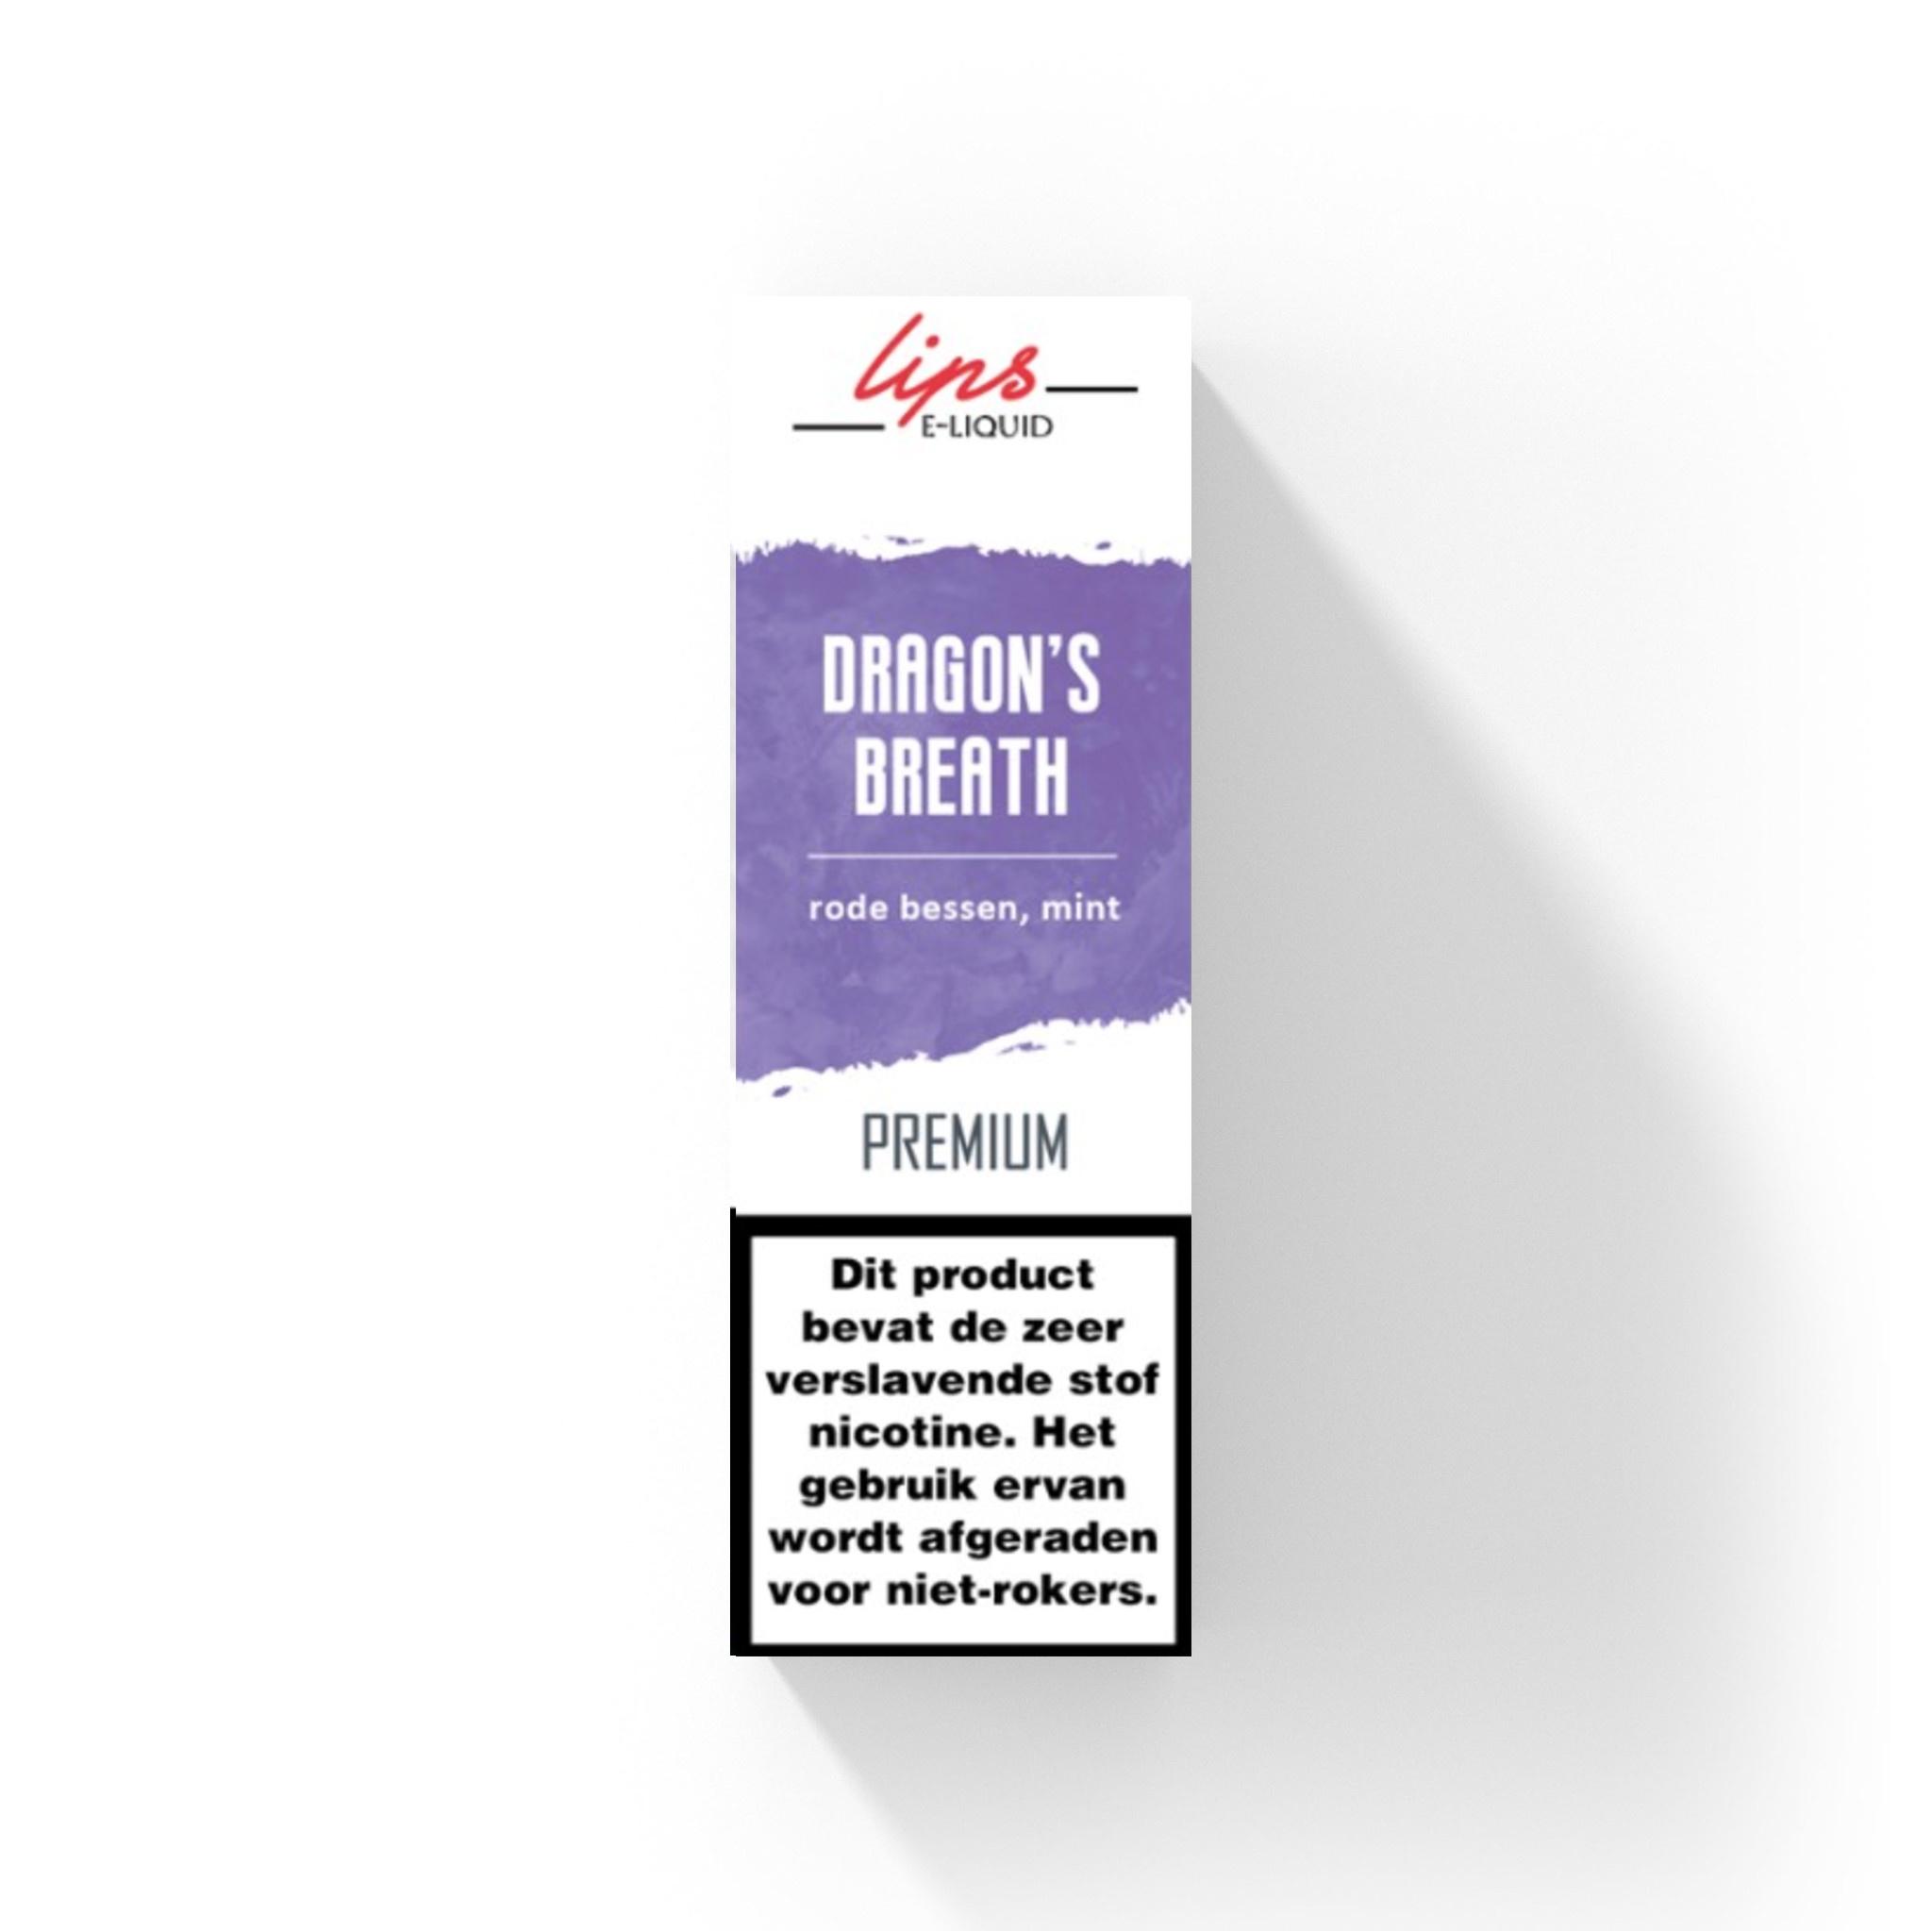 Lips Premium - Dragon's Breath